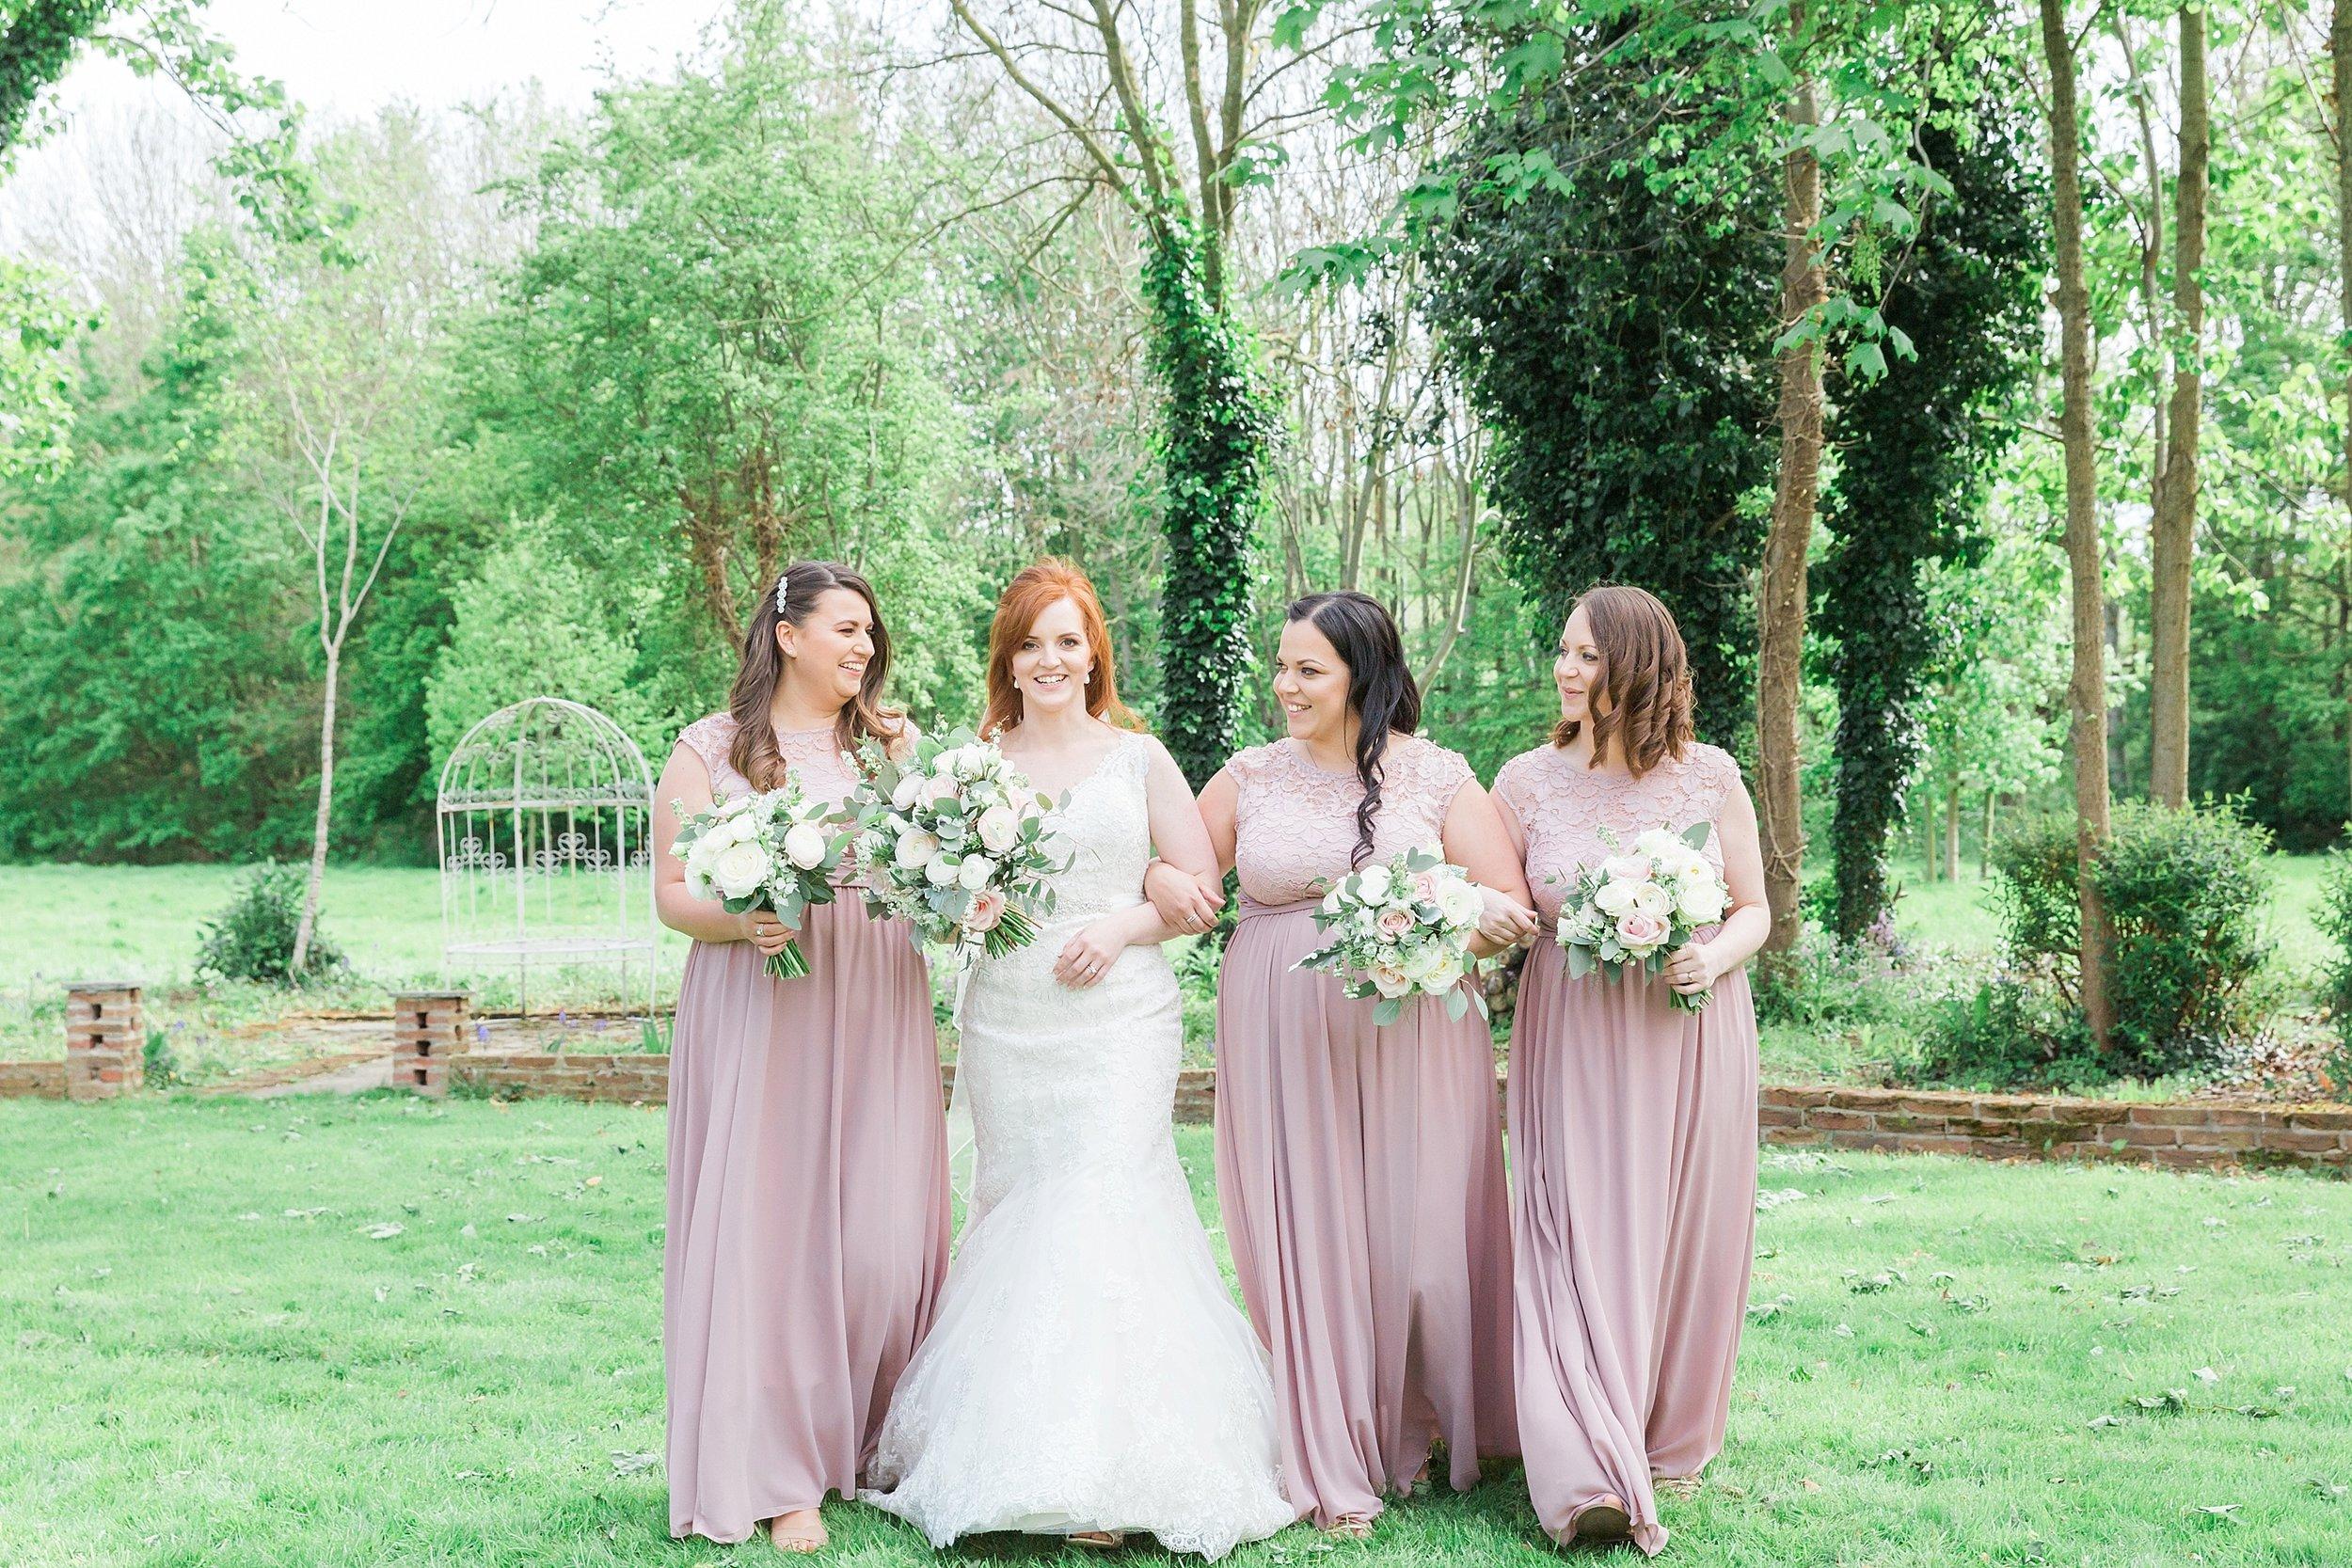 blush bridesmaids dress somerset.jpg